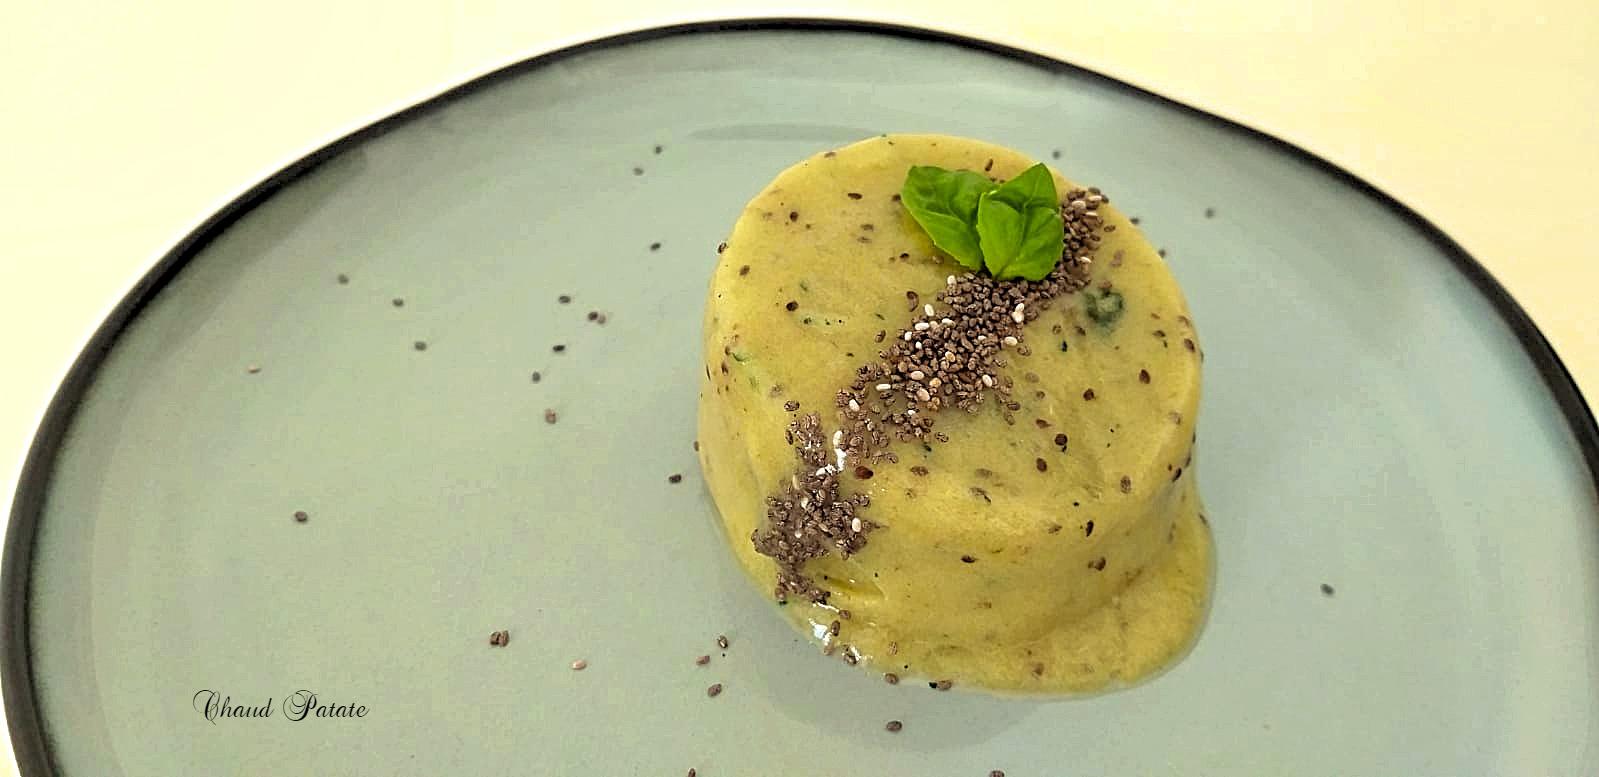 baniwi chaud patate 7